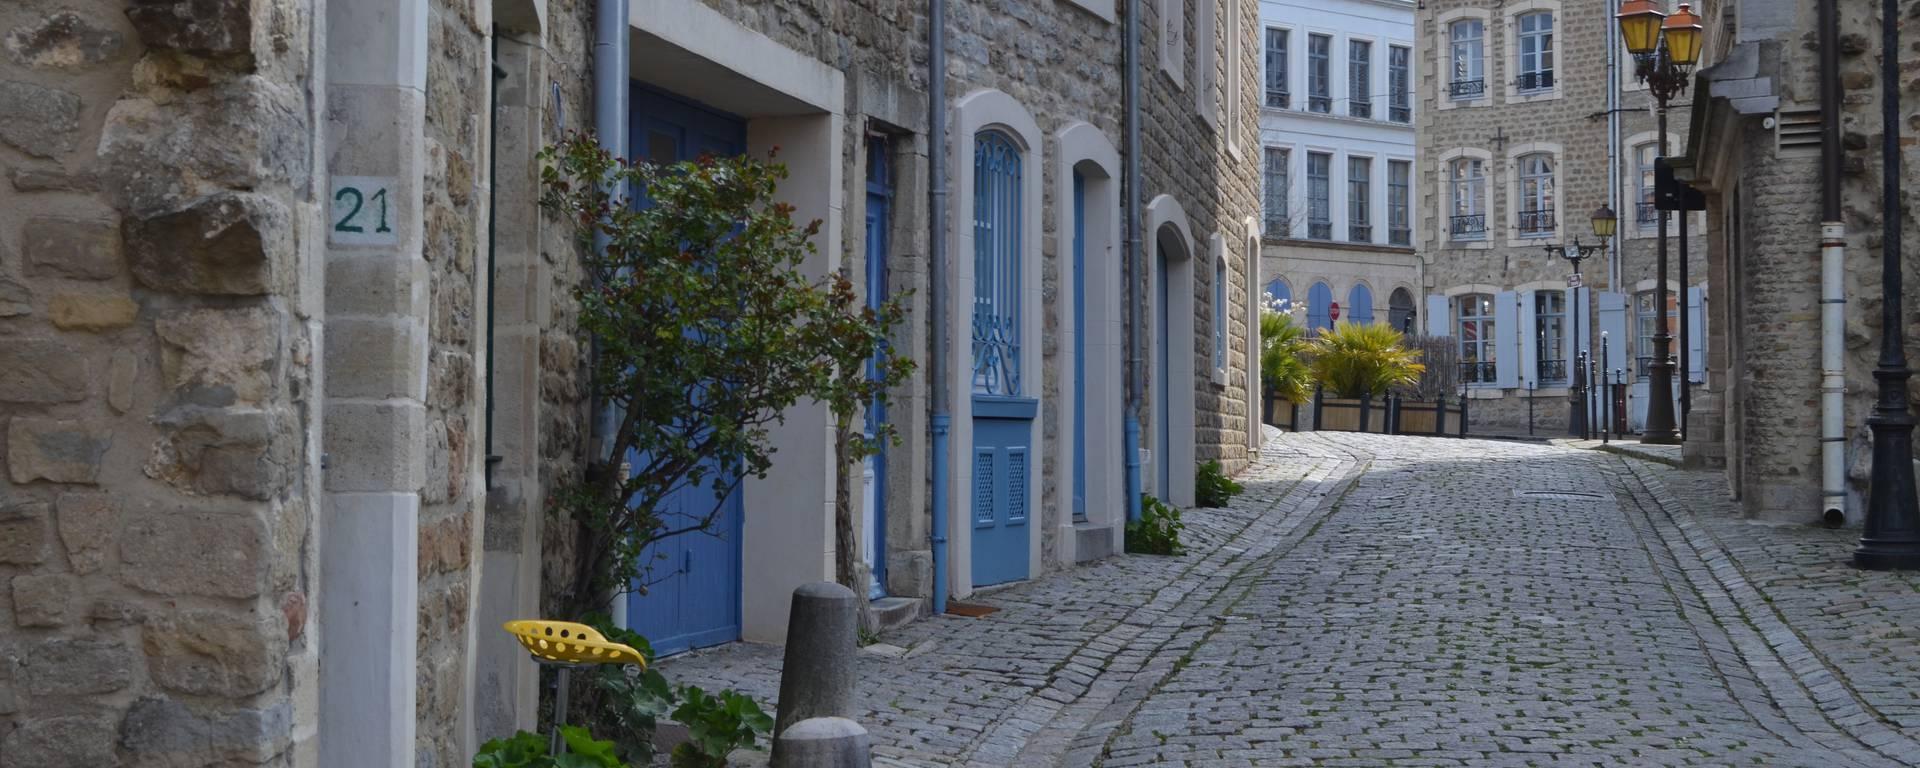 La vieille-ville de Boulogne-sur-Mer